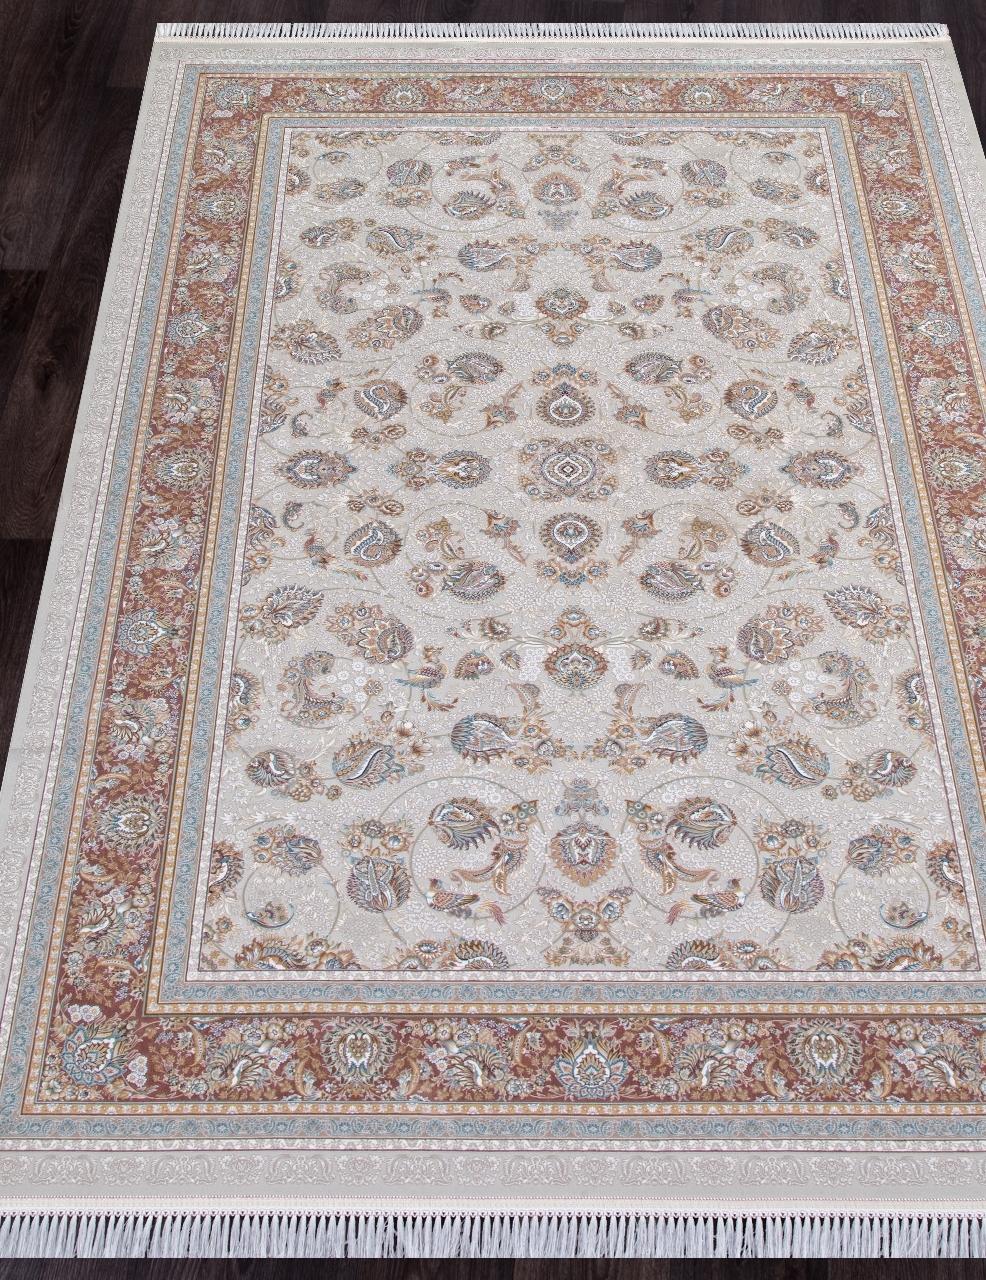 Ковер G136 - CREAM - Прямоугольник - коллекция FARSI 1500 - фото 1